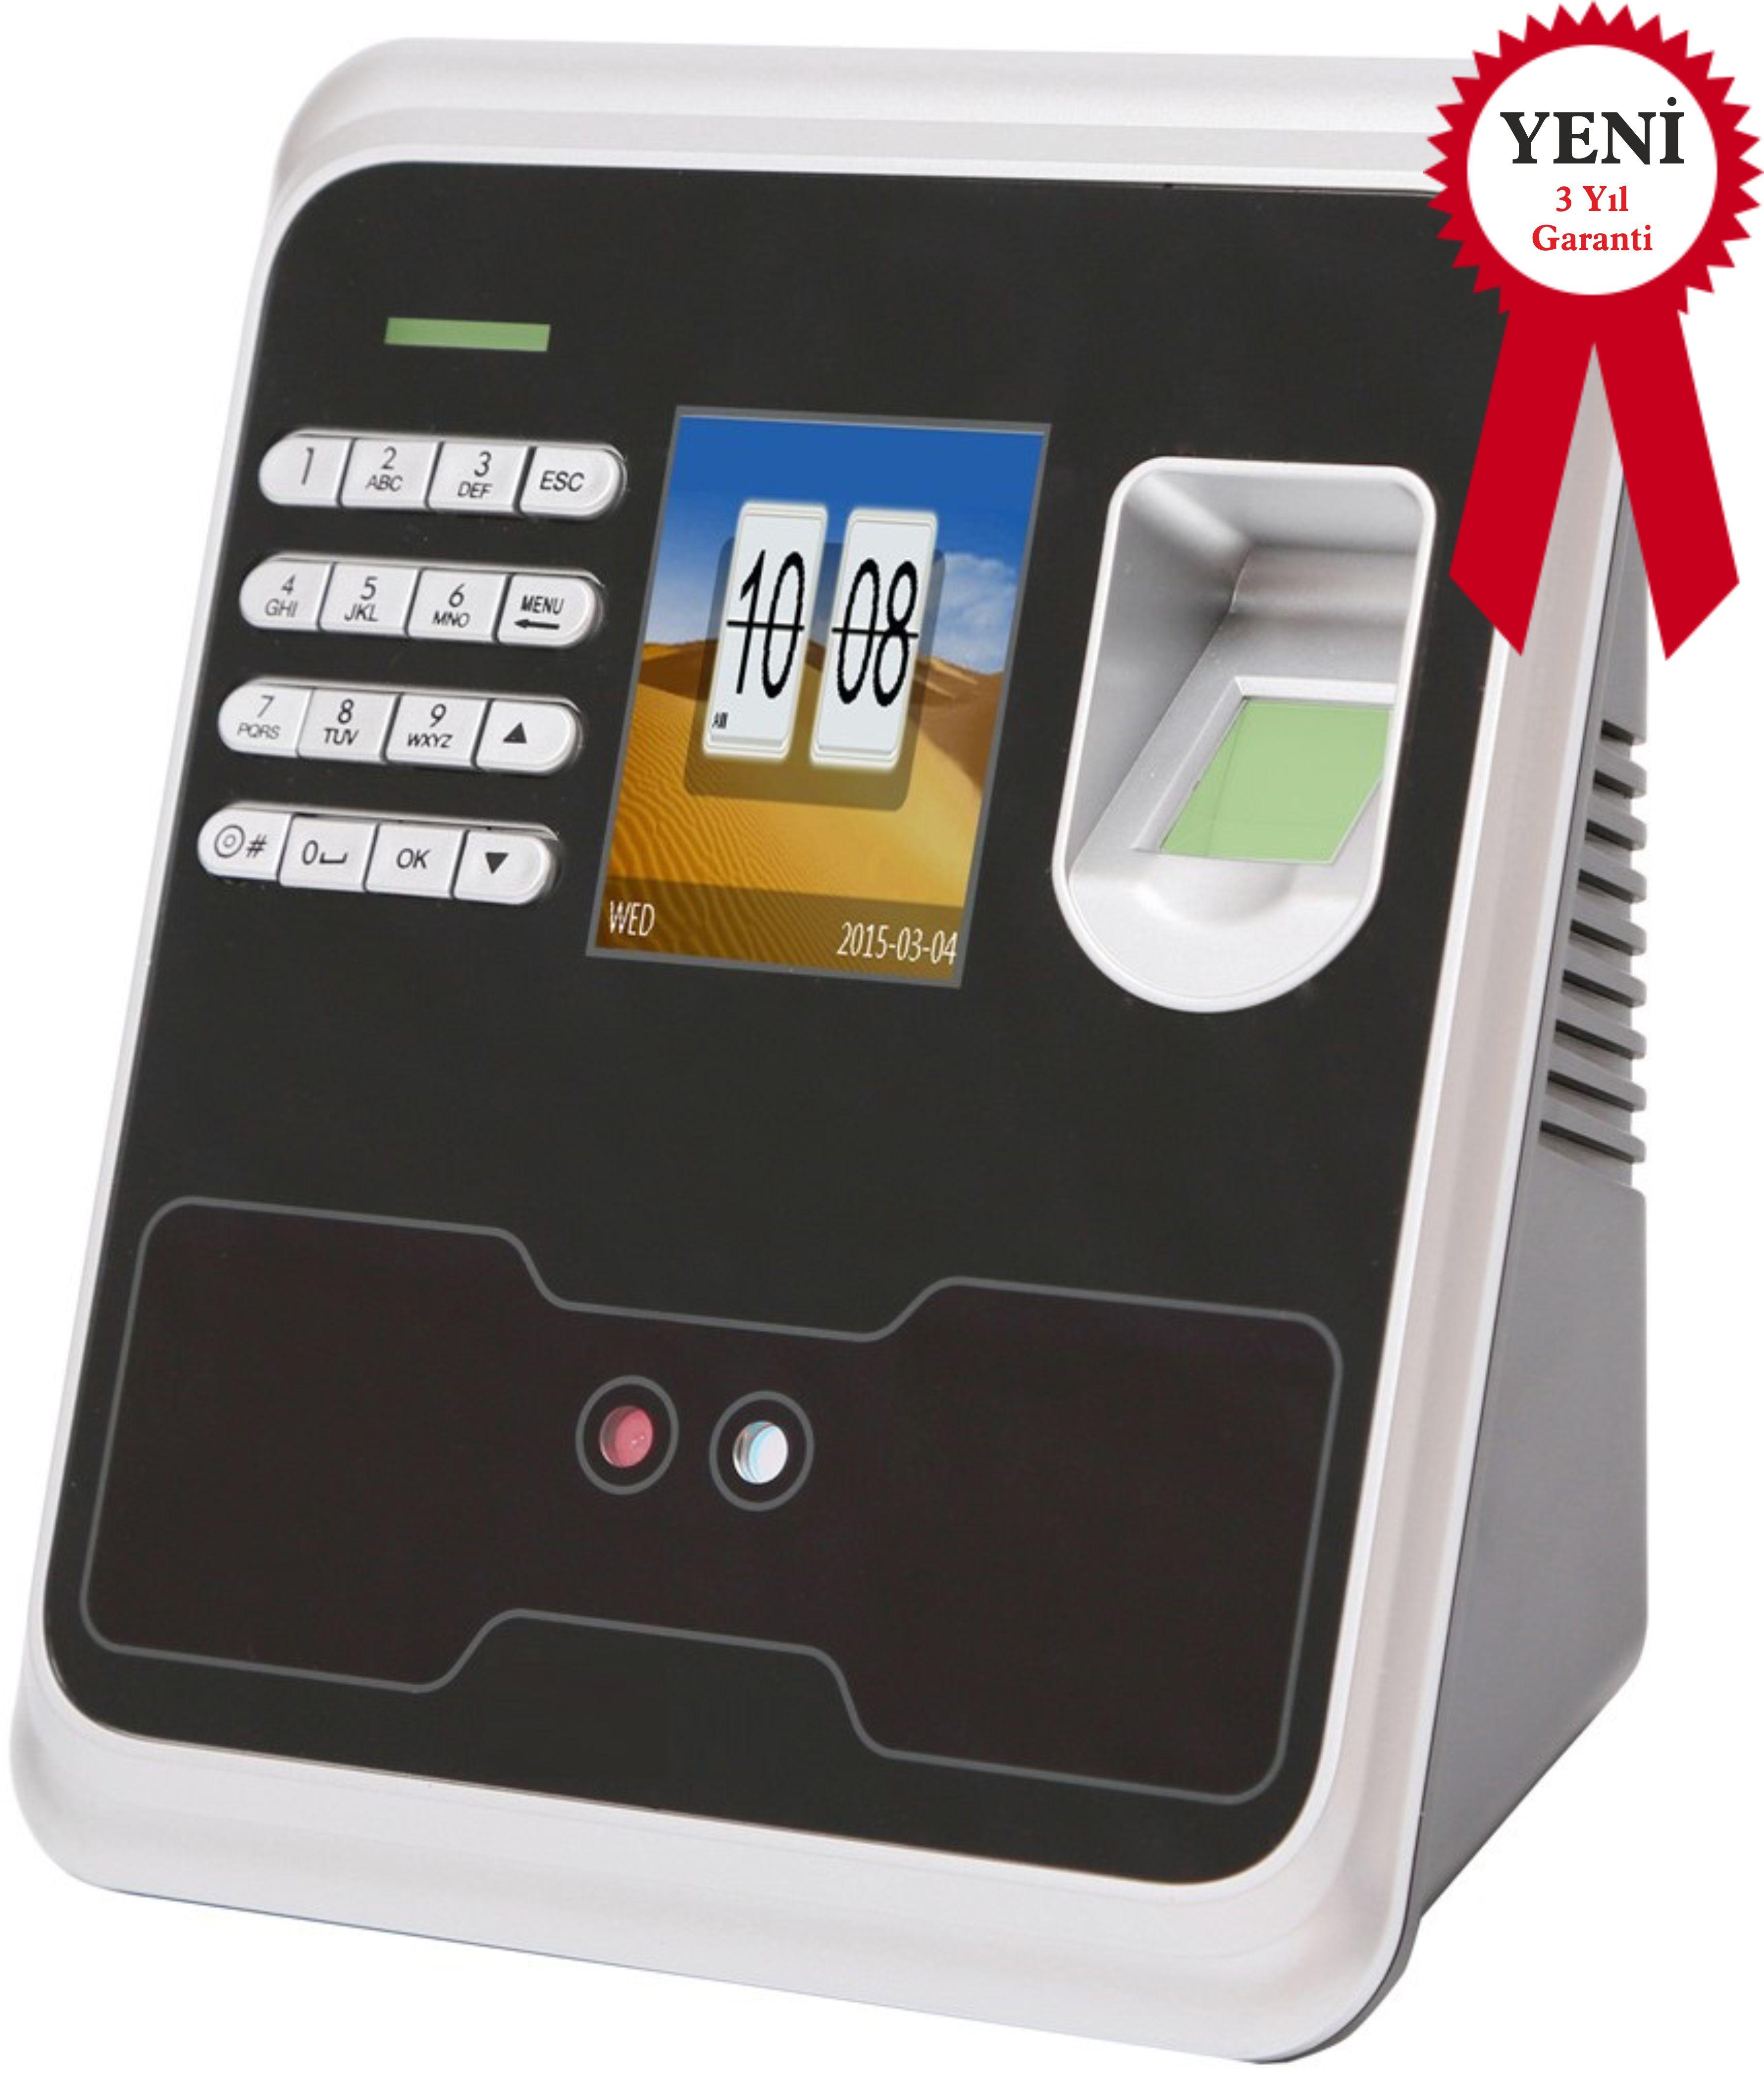 SC 300 Face ID Yüz Tanıma İle Kapı Açma Sistemi